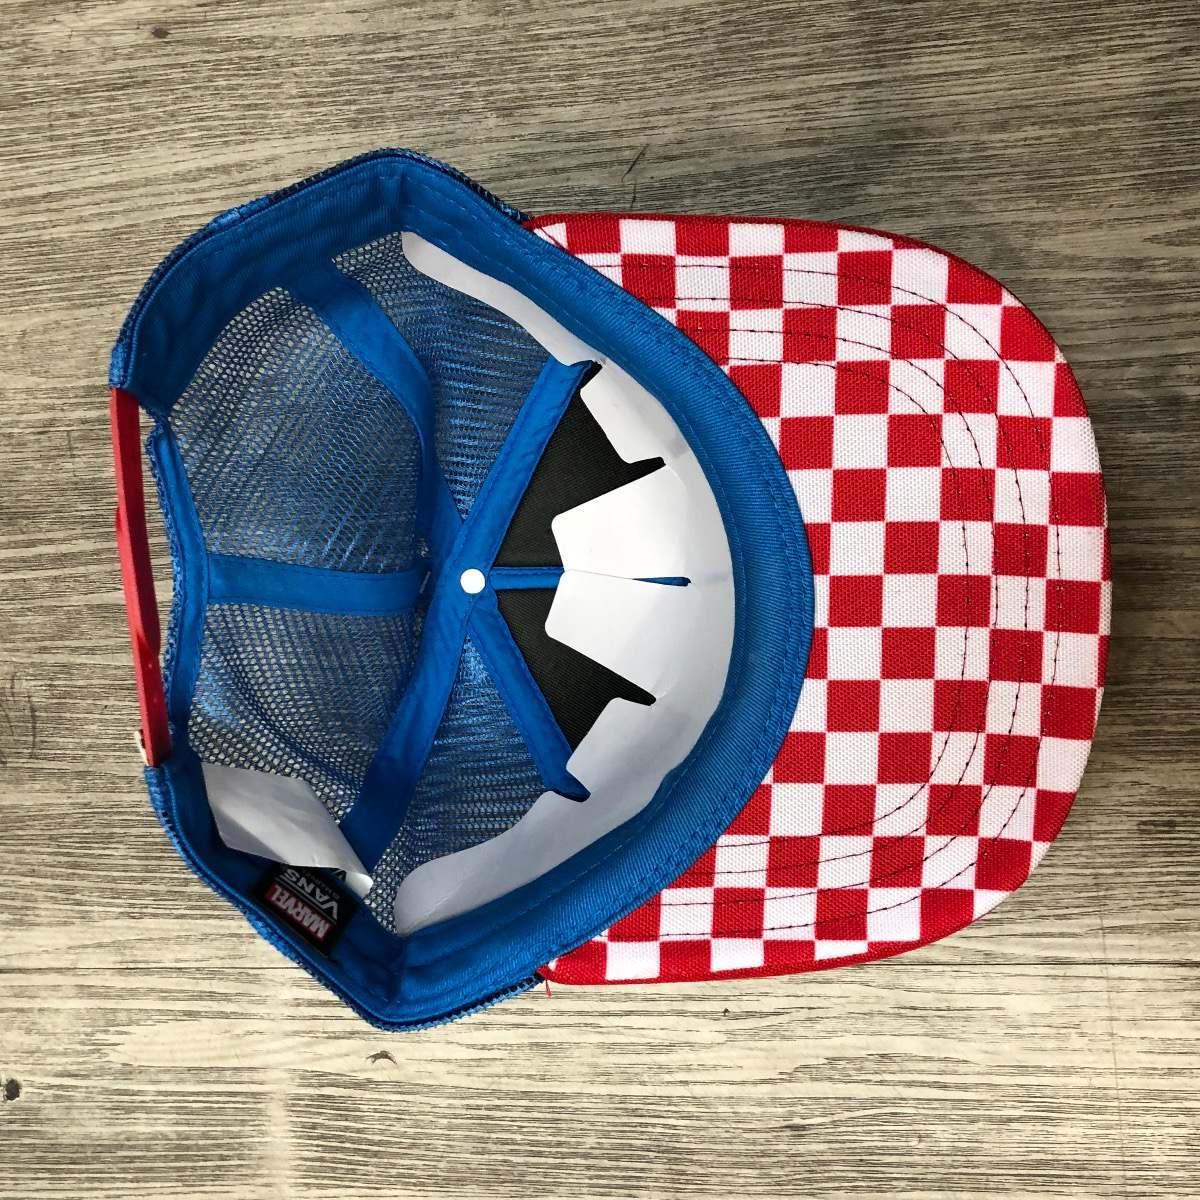 e0aa01bc1d9b0 gorra vans edición marvel spiderman reducida look trendy. Cargando zoom.